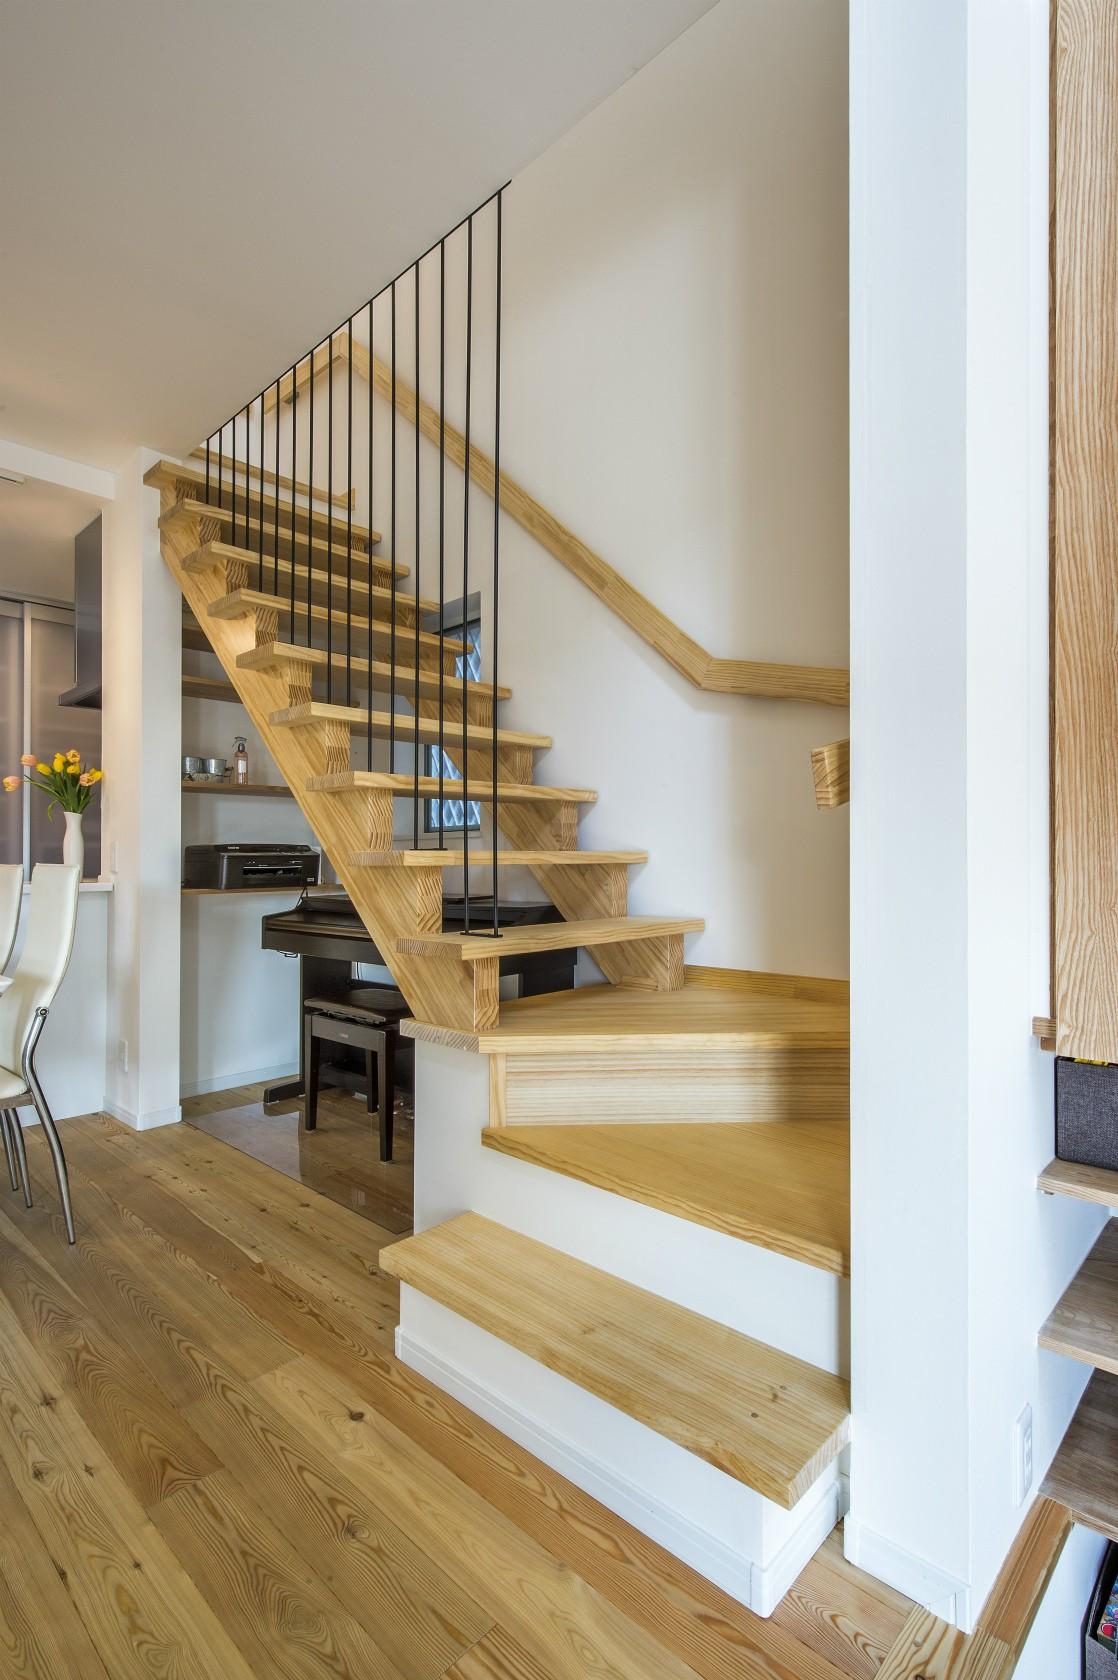 その他事例:リビング階段(スキップフロアのある家~パッシブハウス~)